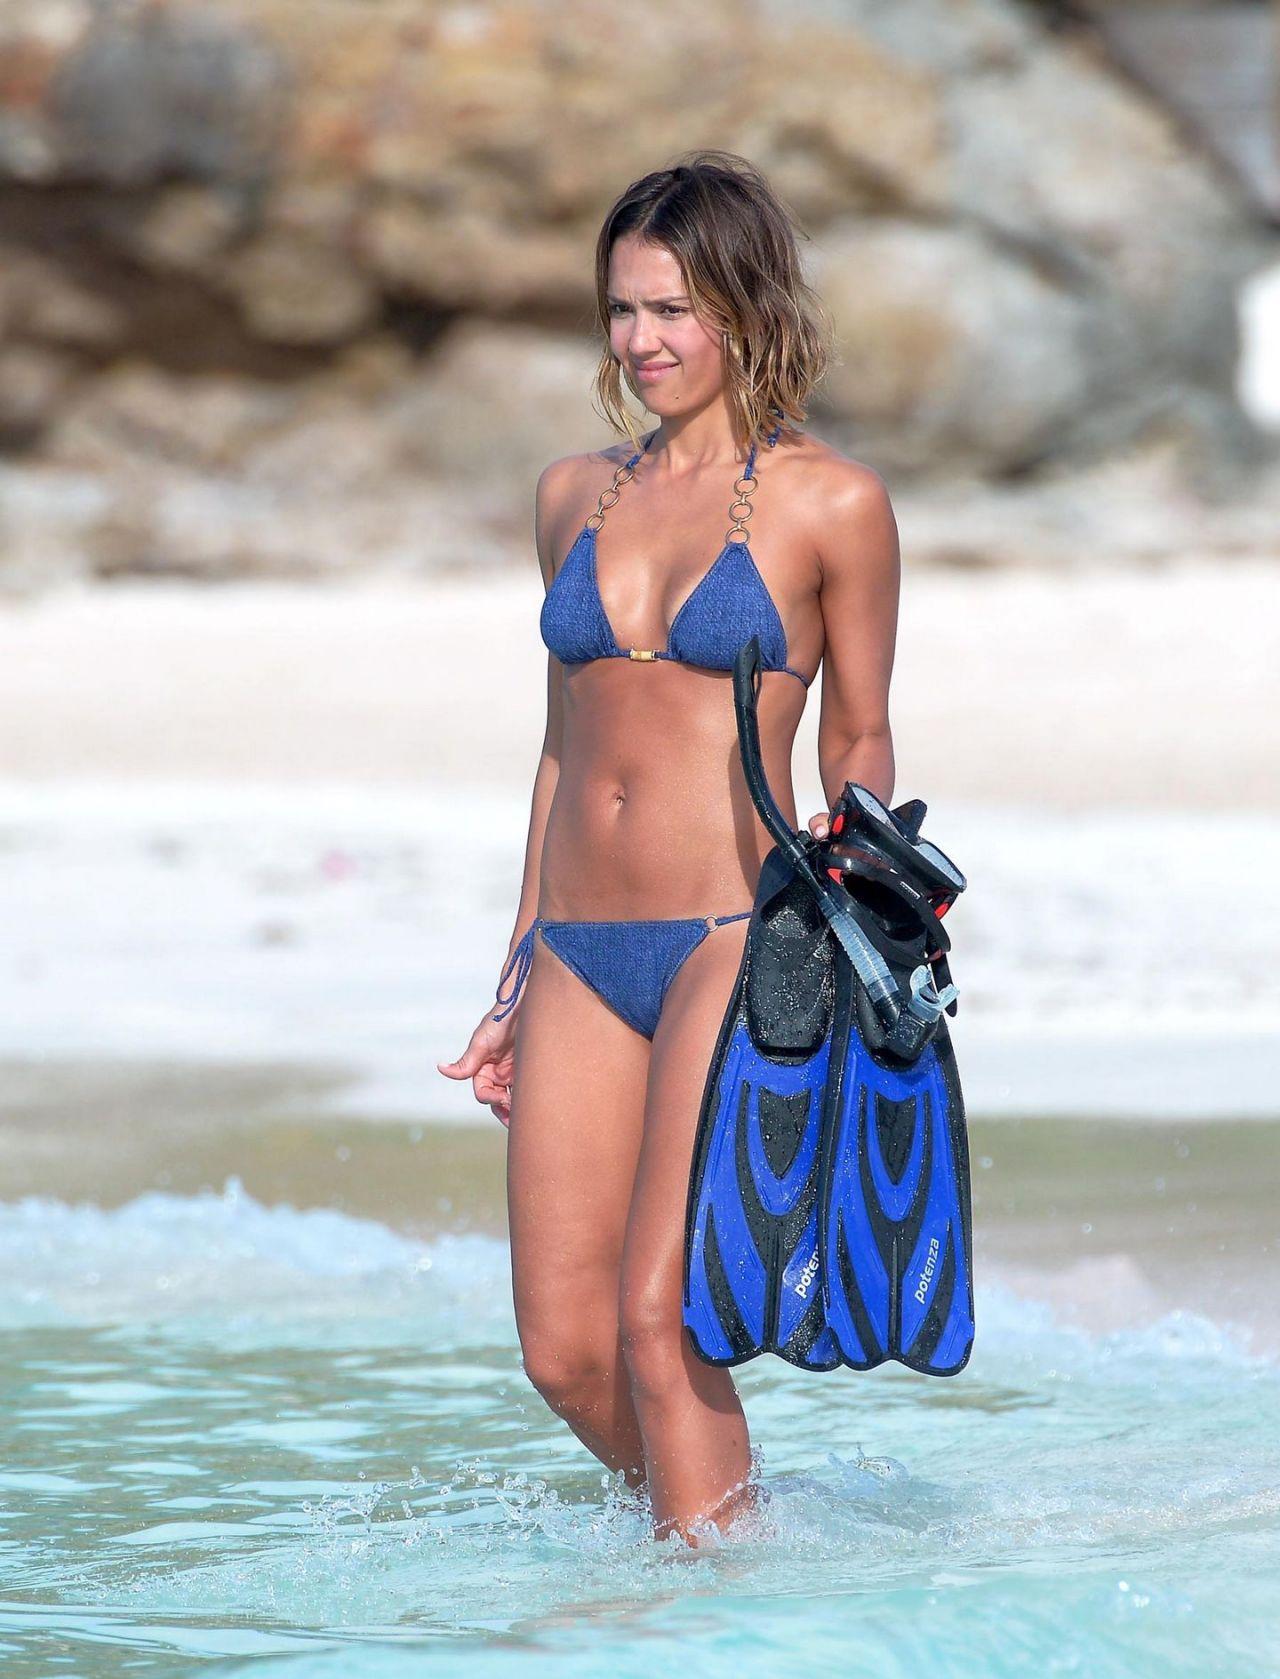 Jessica Alba Bikini Pics 53